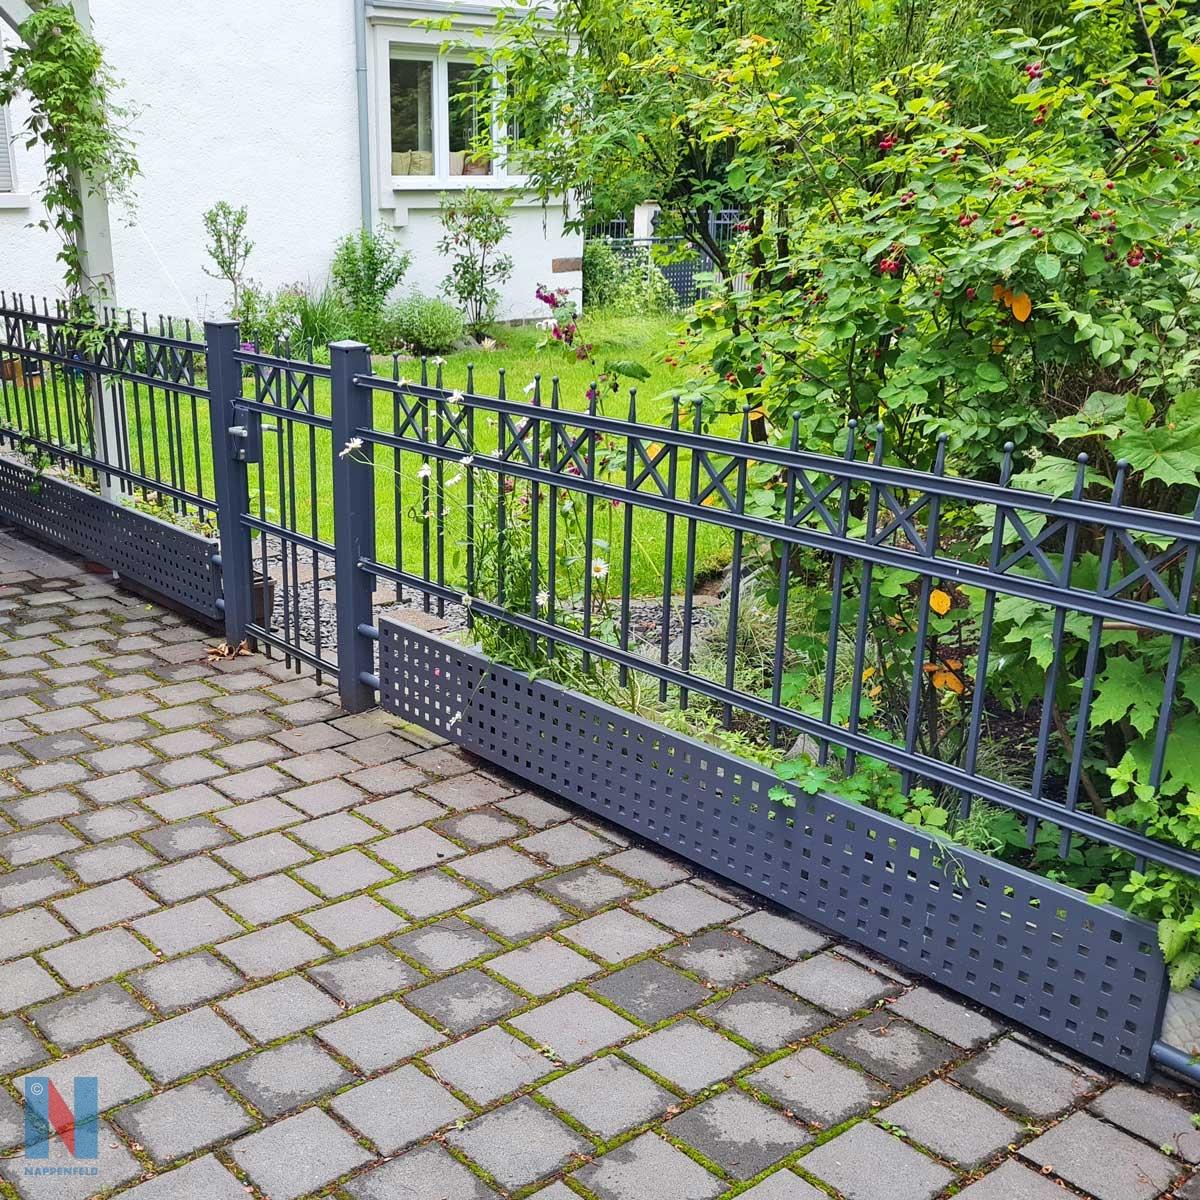 Eine pulverbeschichtete Zaunanlage für ein Einfamilienhaus in Mülheim, geplant und umgesetzt von der Edelstahlschlosserei Nappenfeld aus Mühlheim